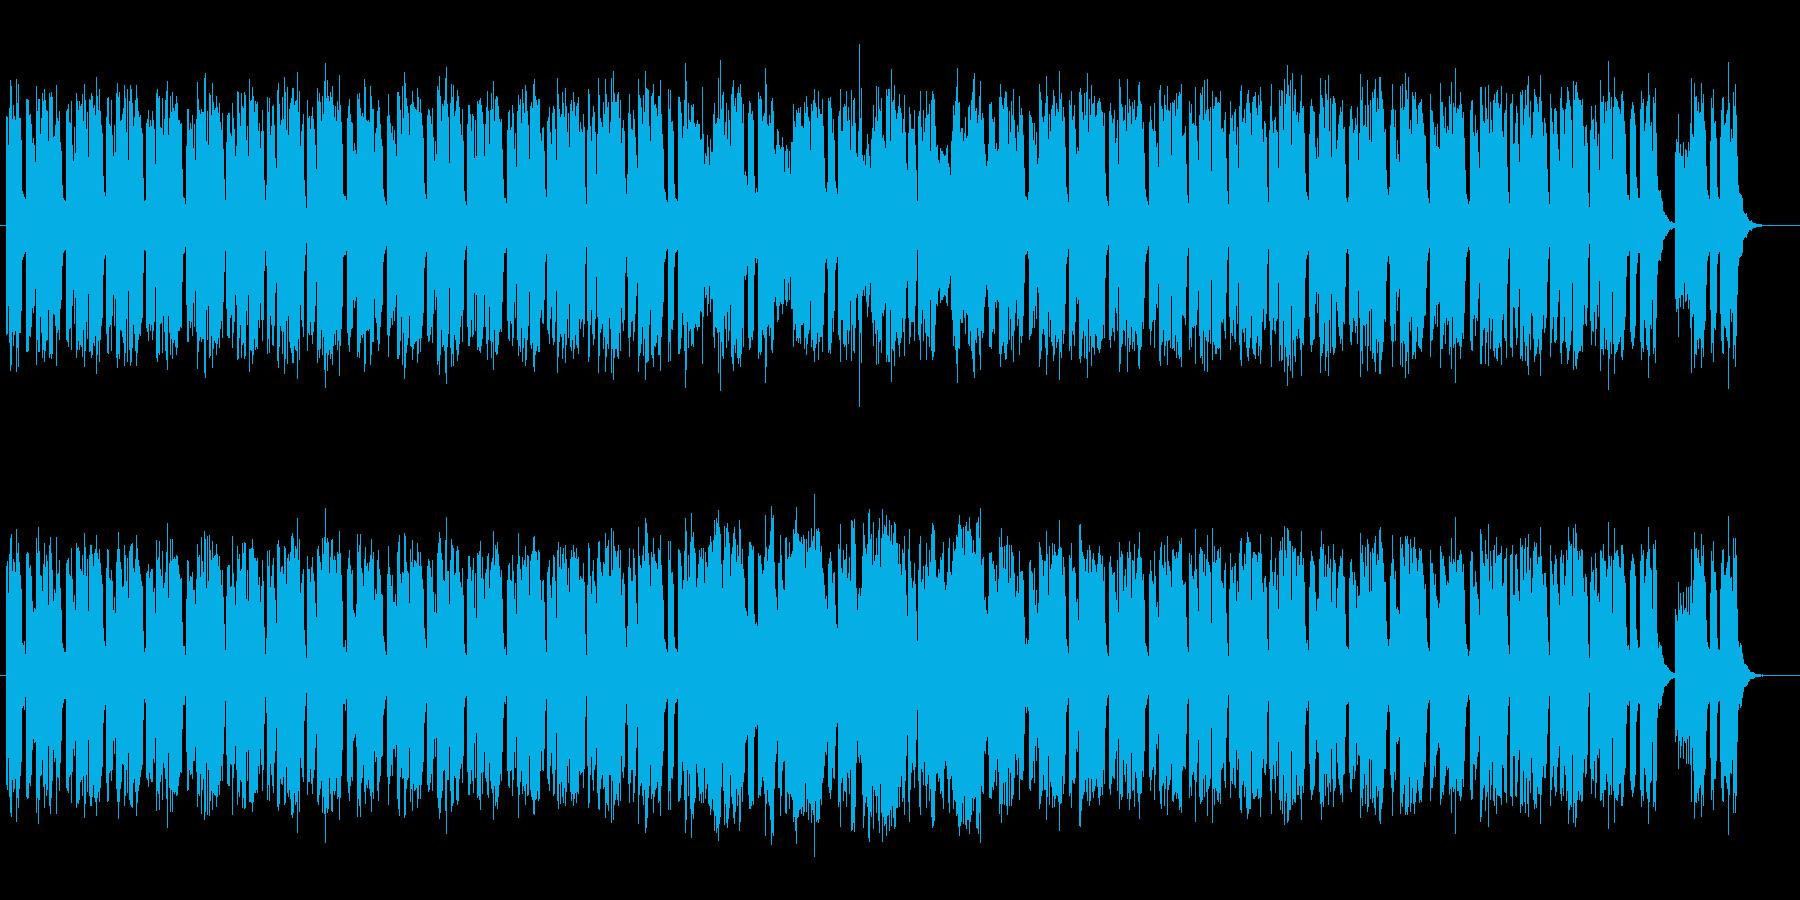 宇宙感とドキドキ感のあるシンセサウンドの再生済みの波形